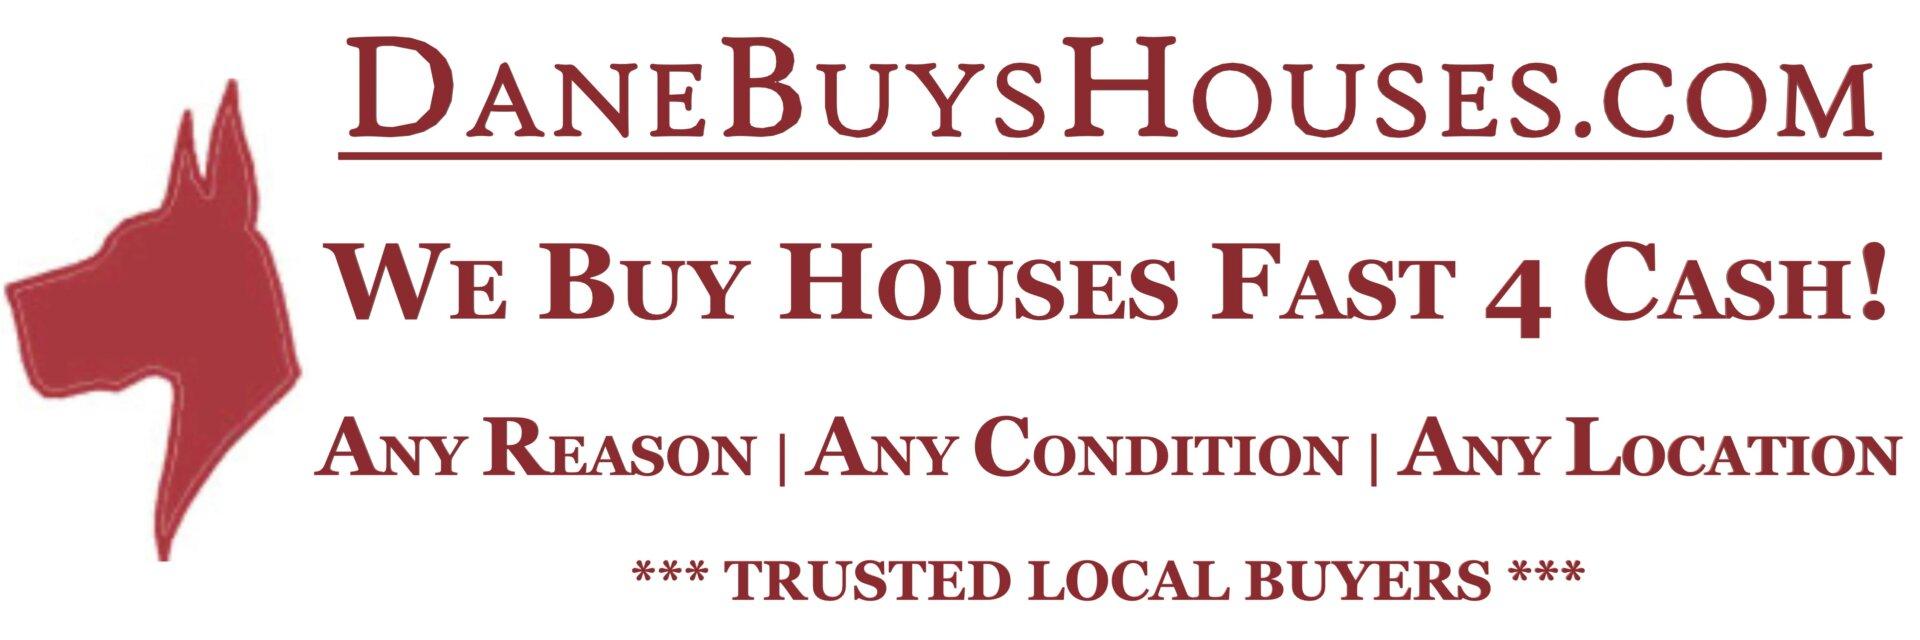 DaneBuysHouses.com | Dane Buys Houses Pittsburgh logo